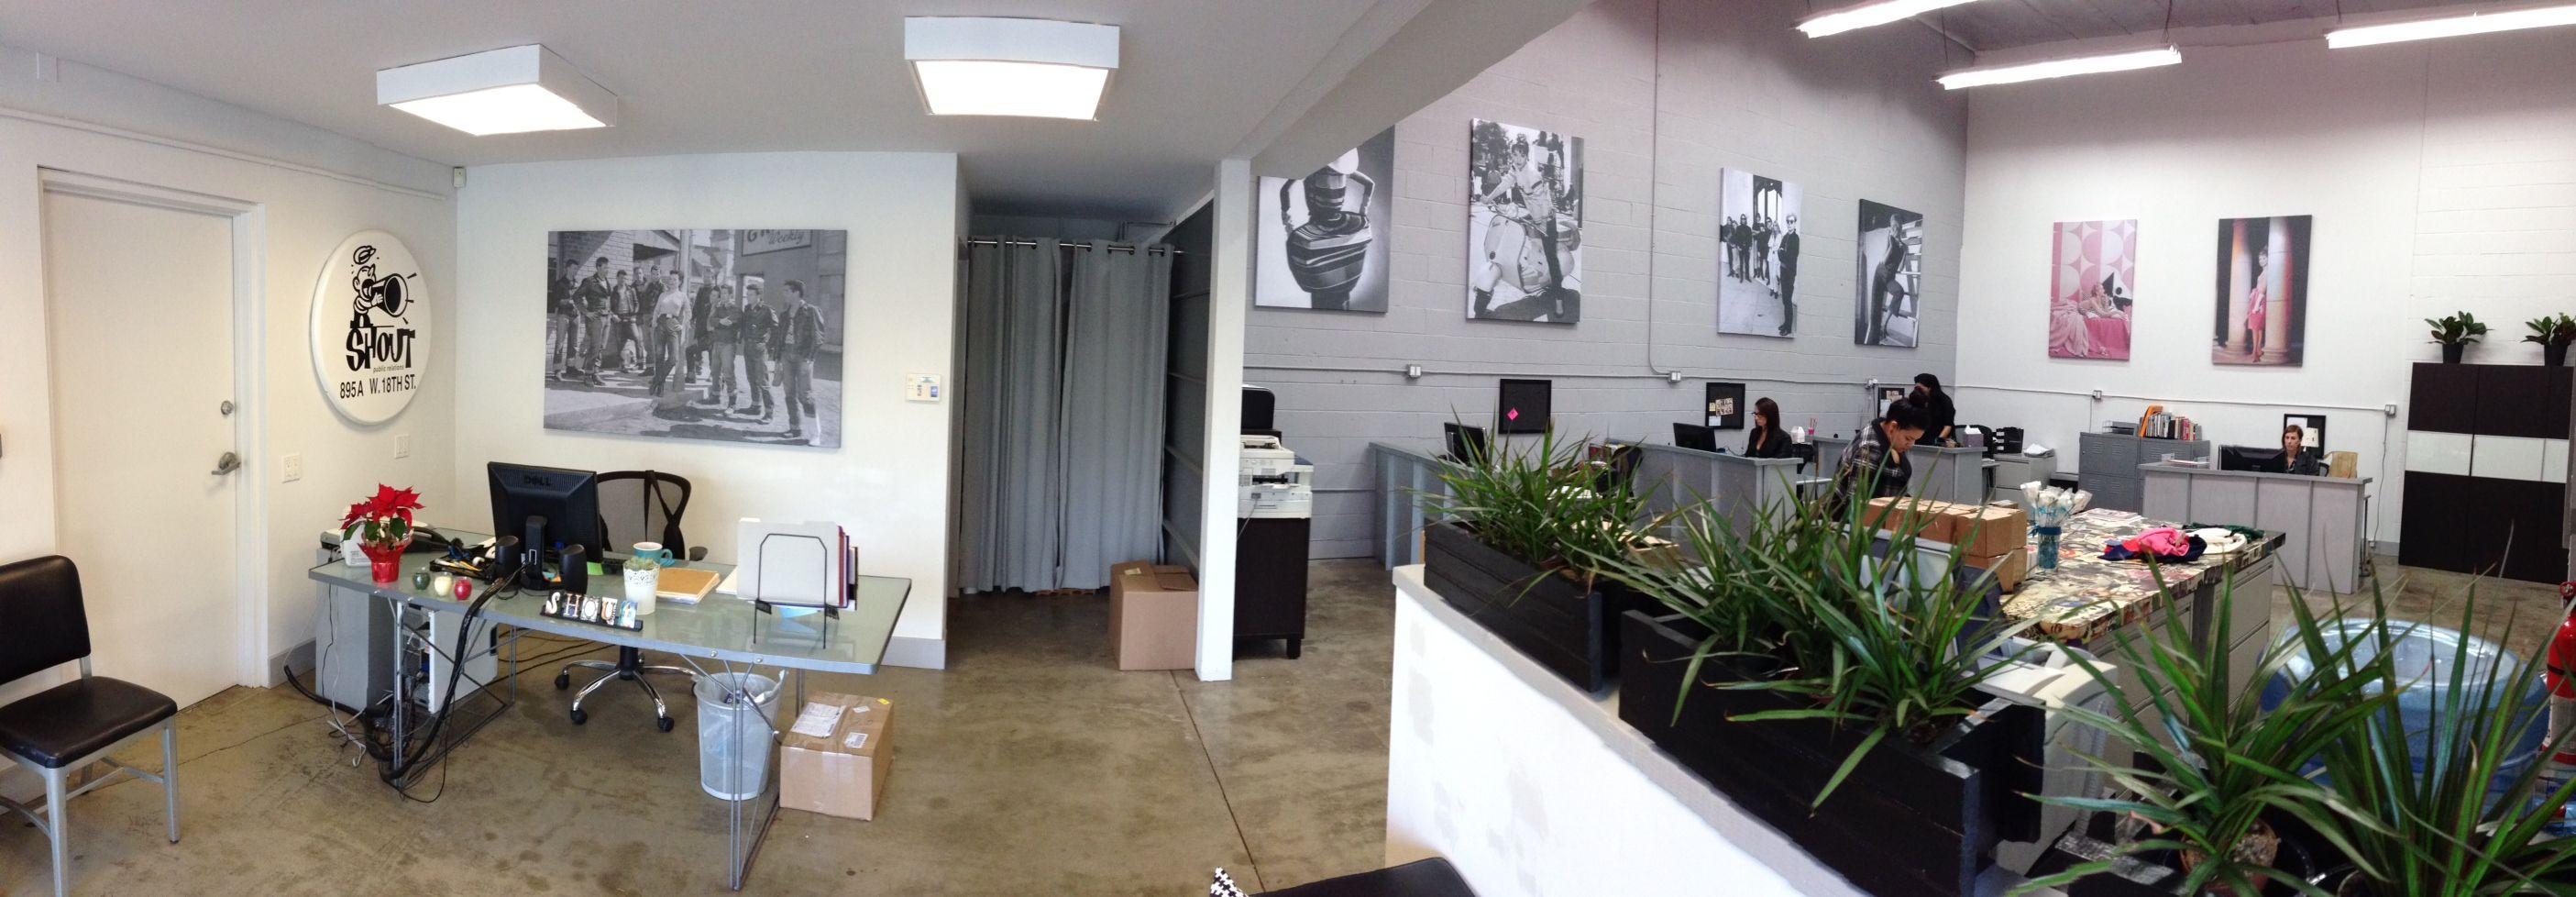 Recent interior installation ten feet x feet stretched canvas